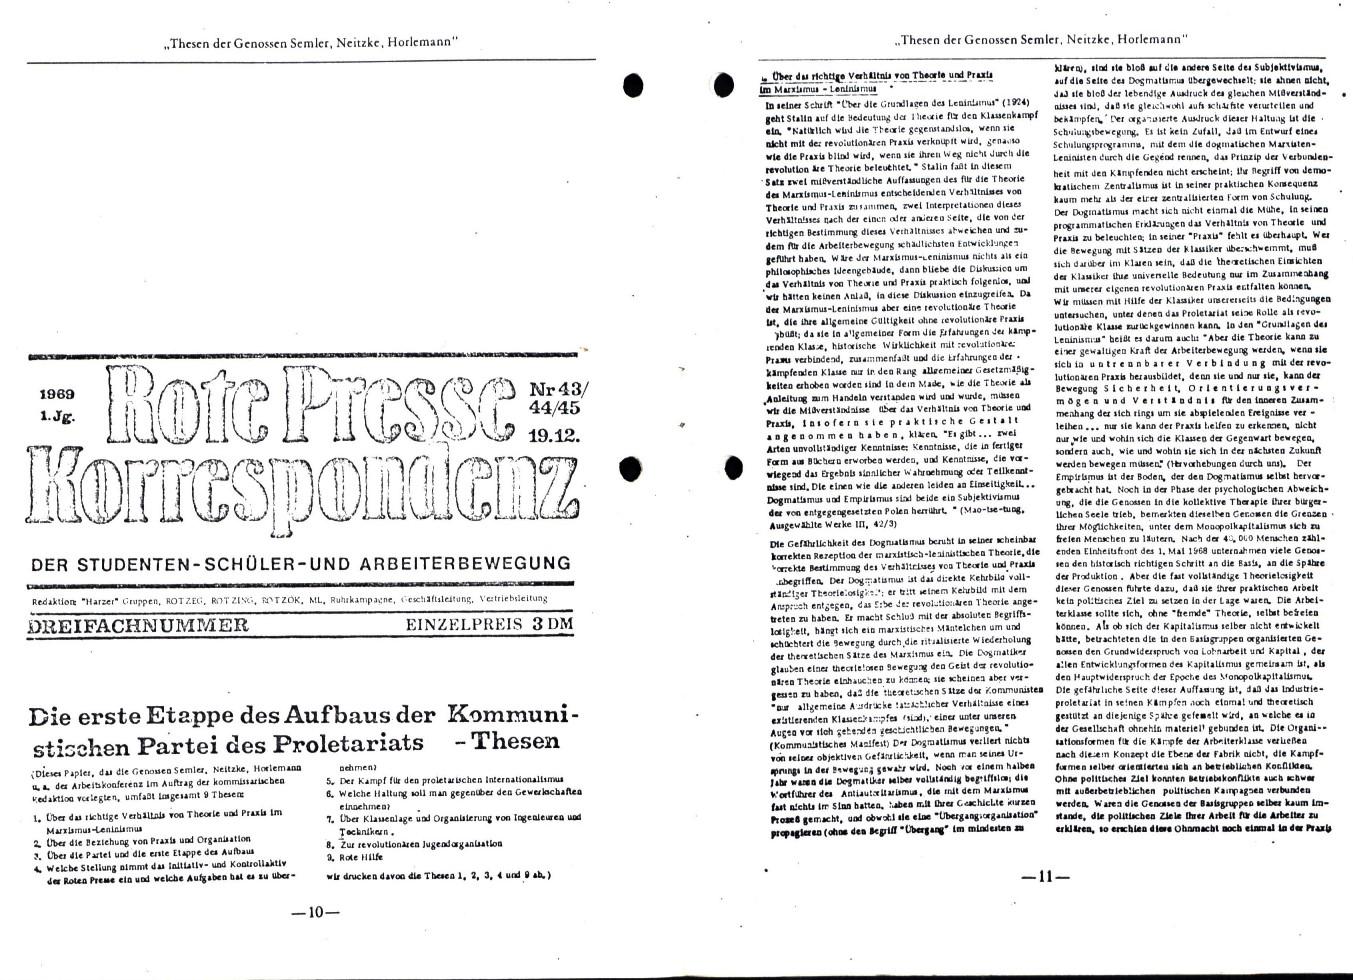 KPDML_1976_Dokumente_zur_Gruendung_07